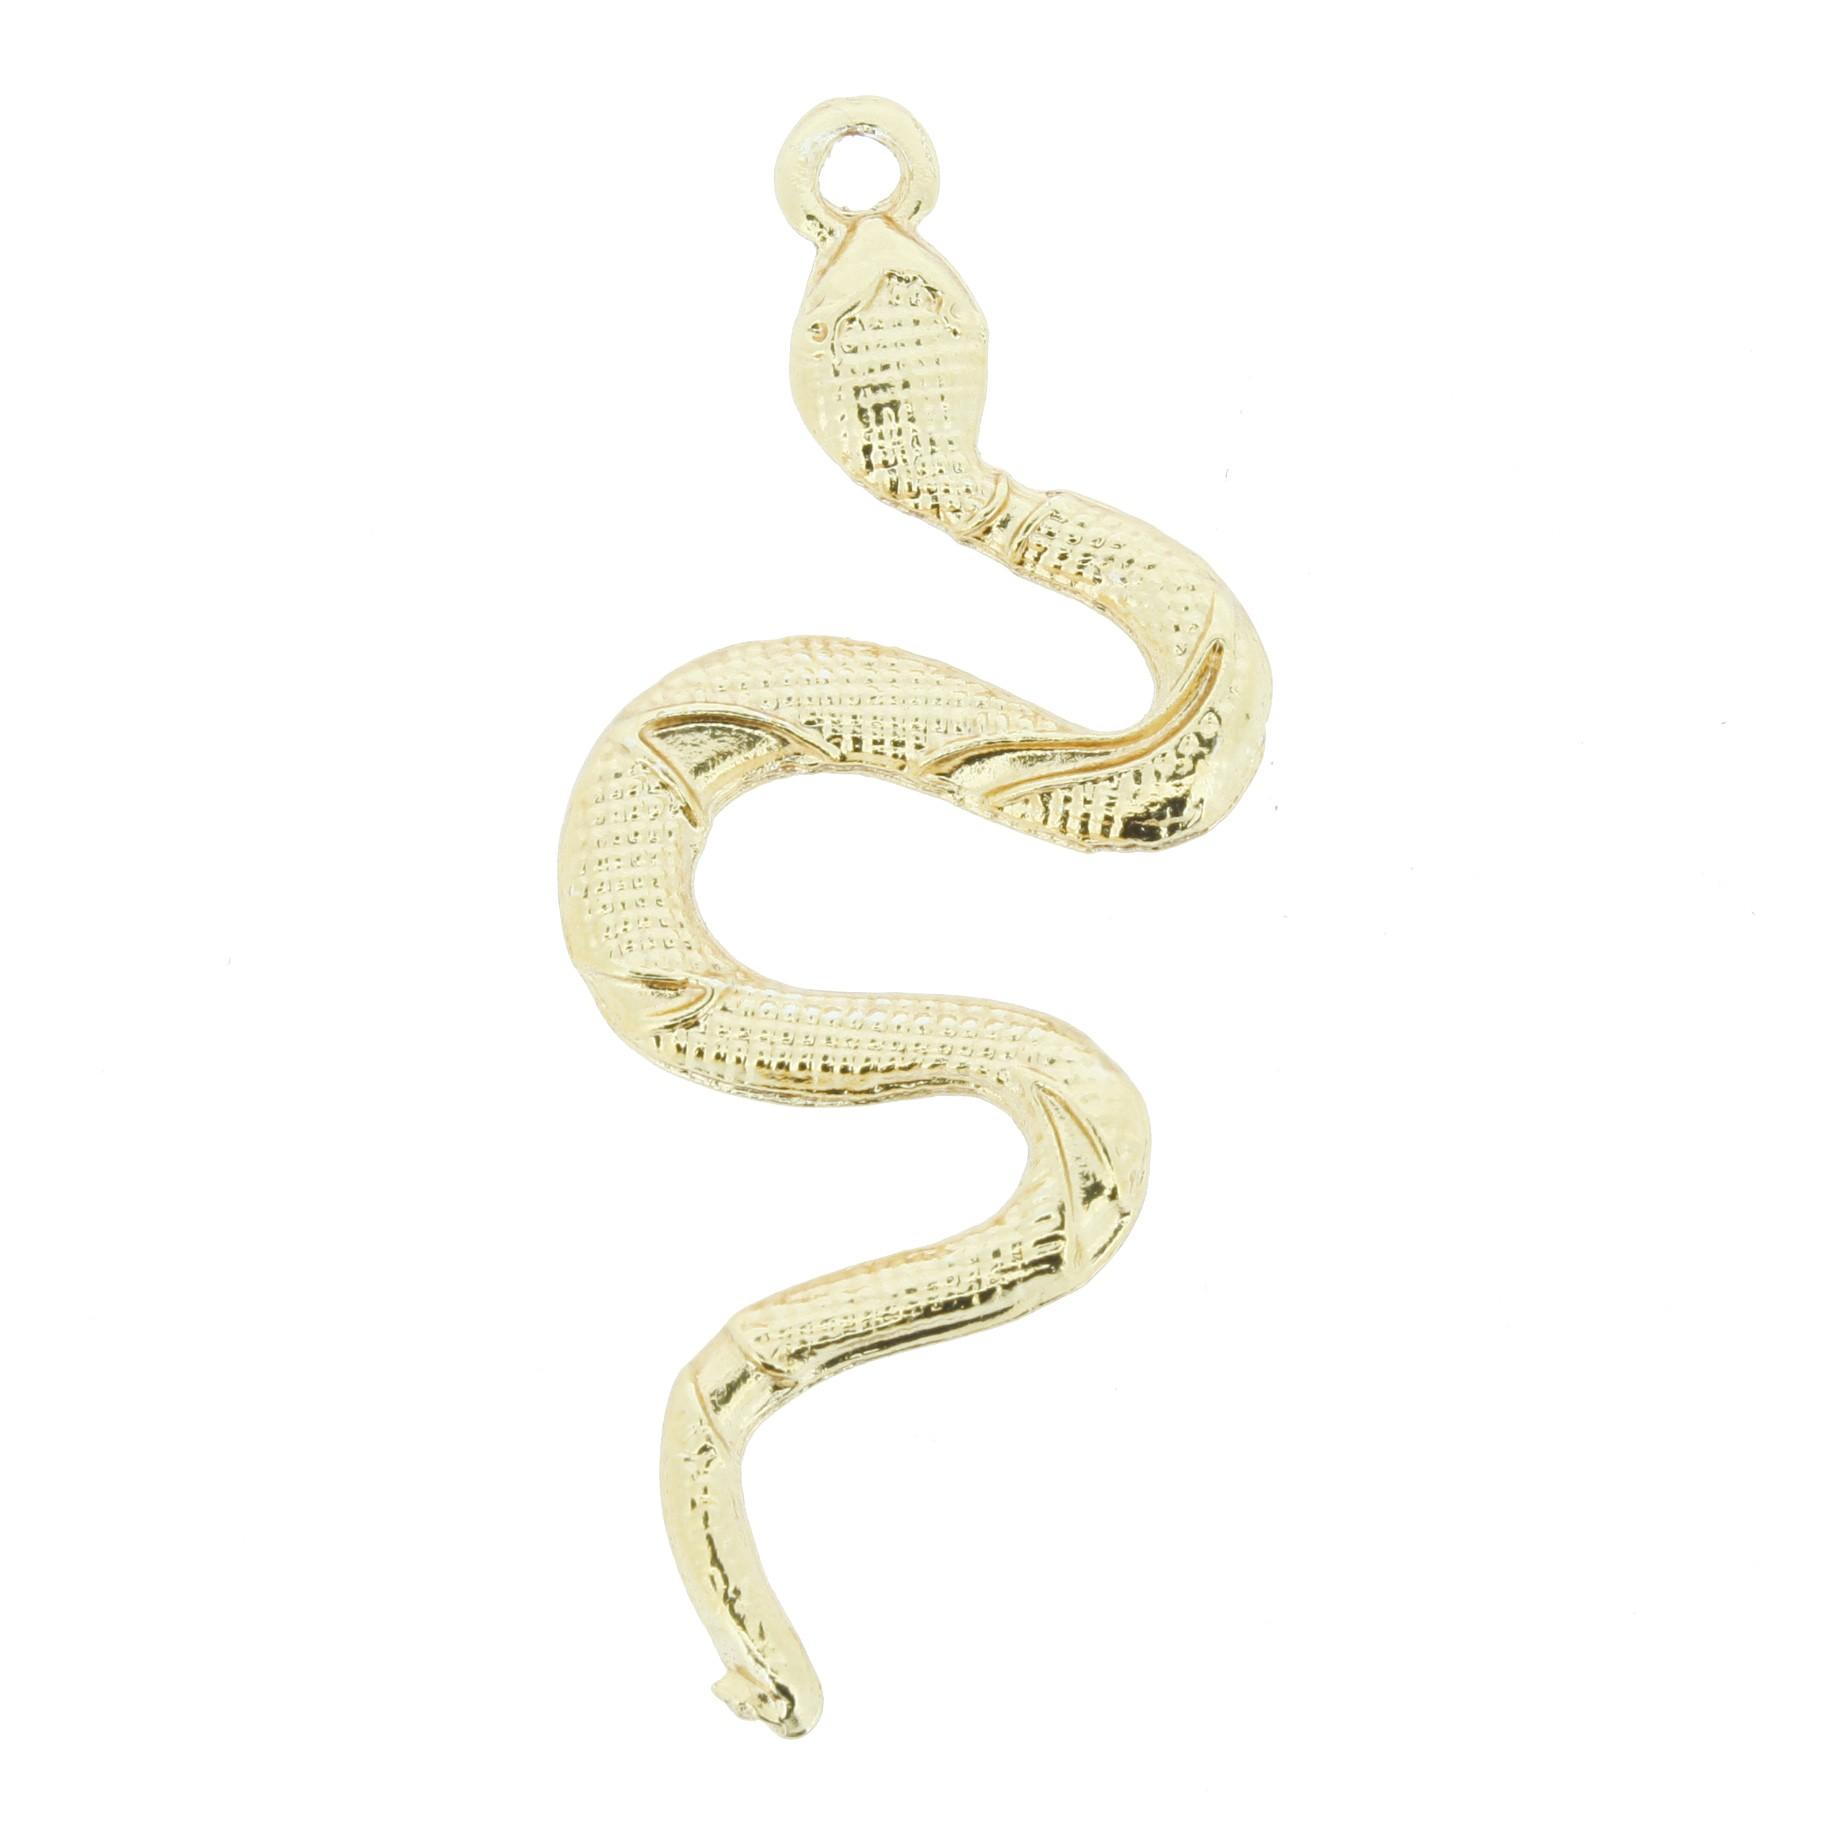 Cobra - Dourada - 50mm  - Stéphanie Bijoux® - Peças para Bijuterias e Artesanato